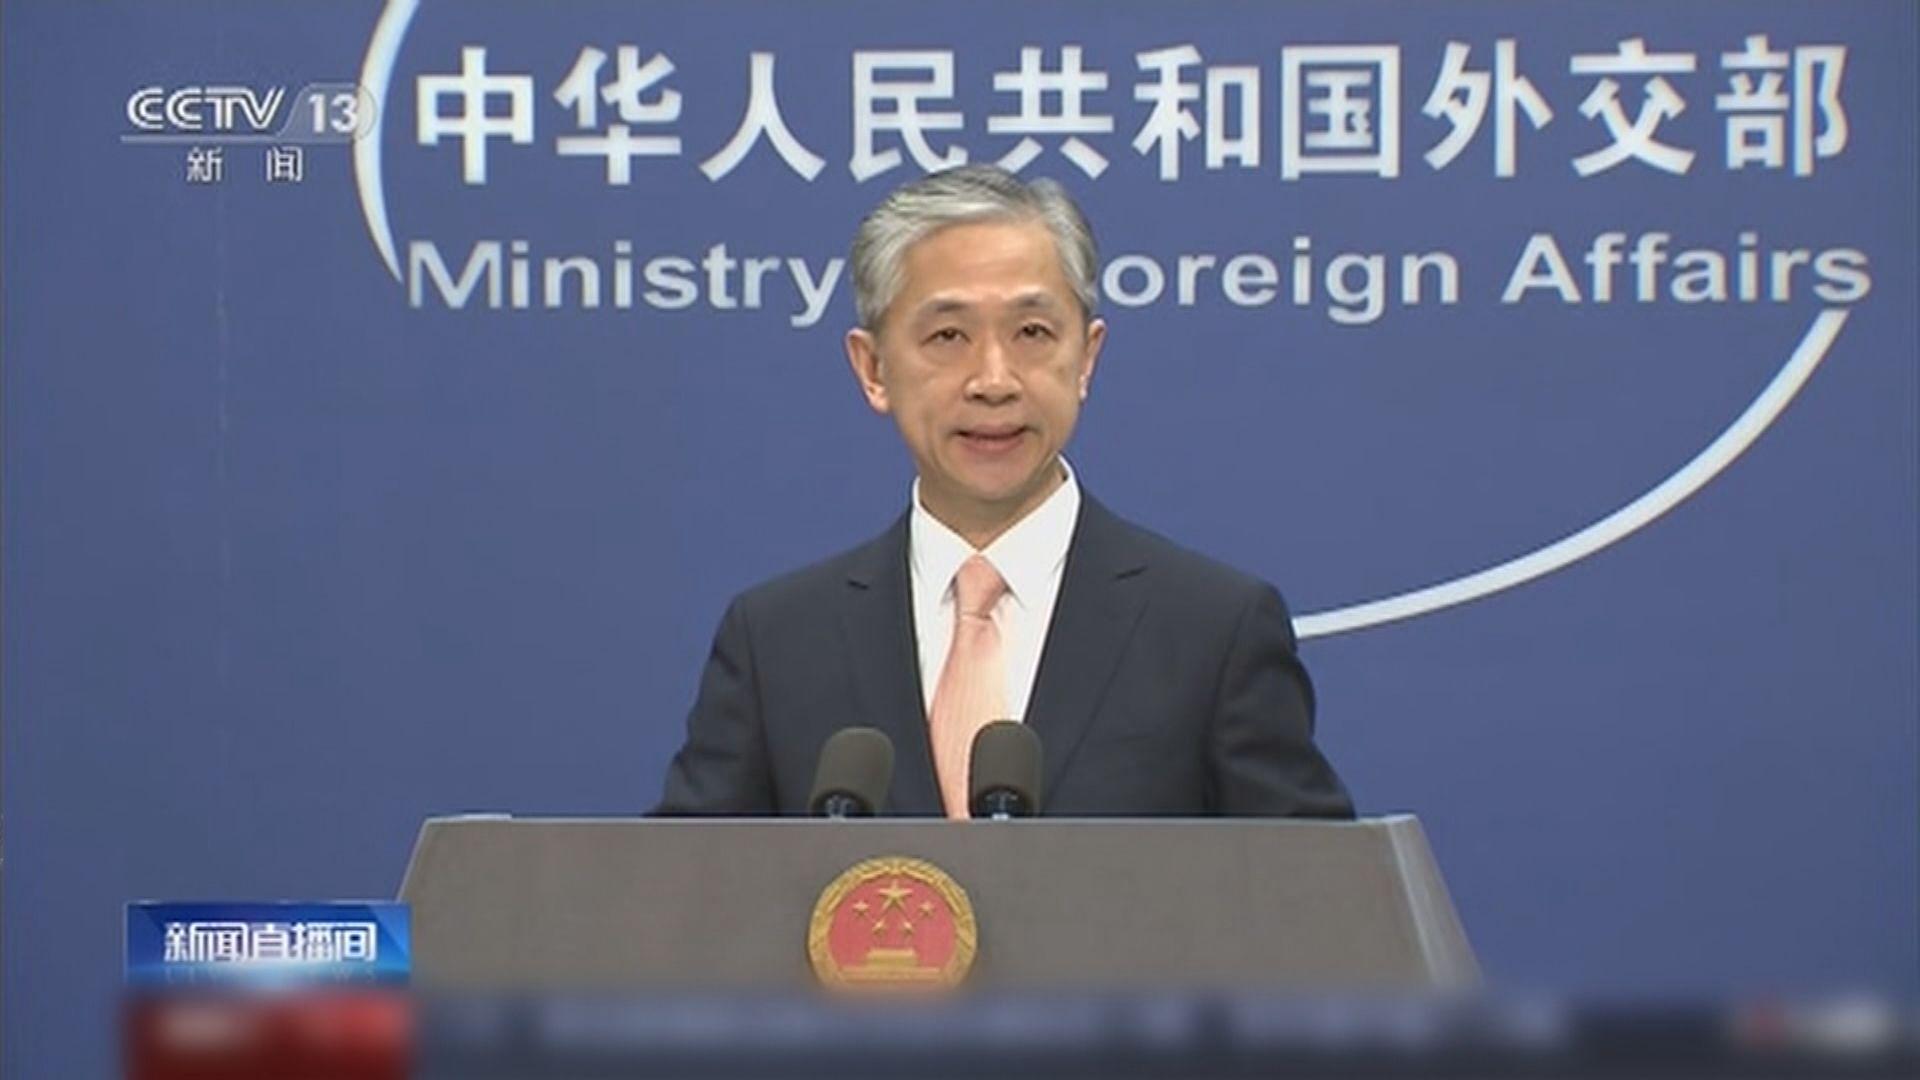 外交部:DQ議員純屬中國內政 別國無權干預